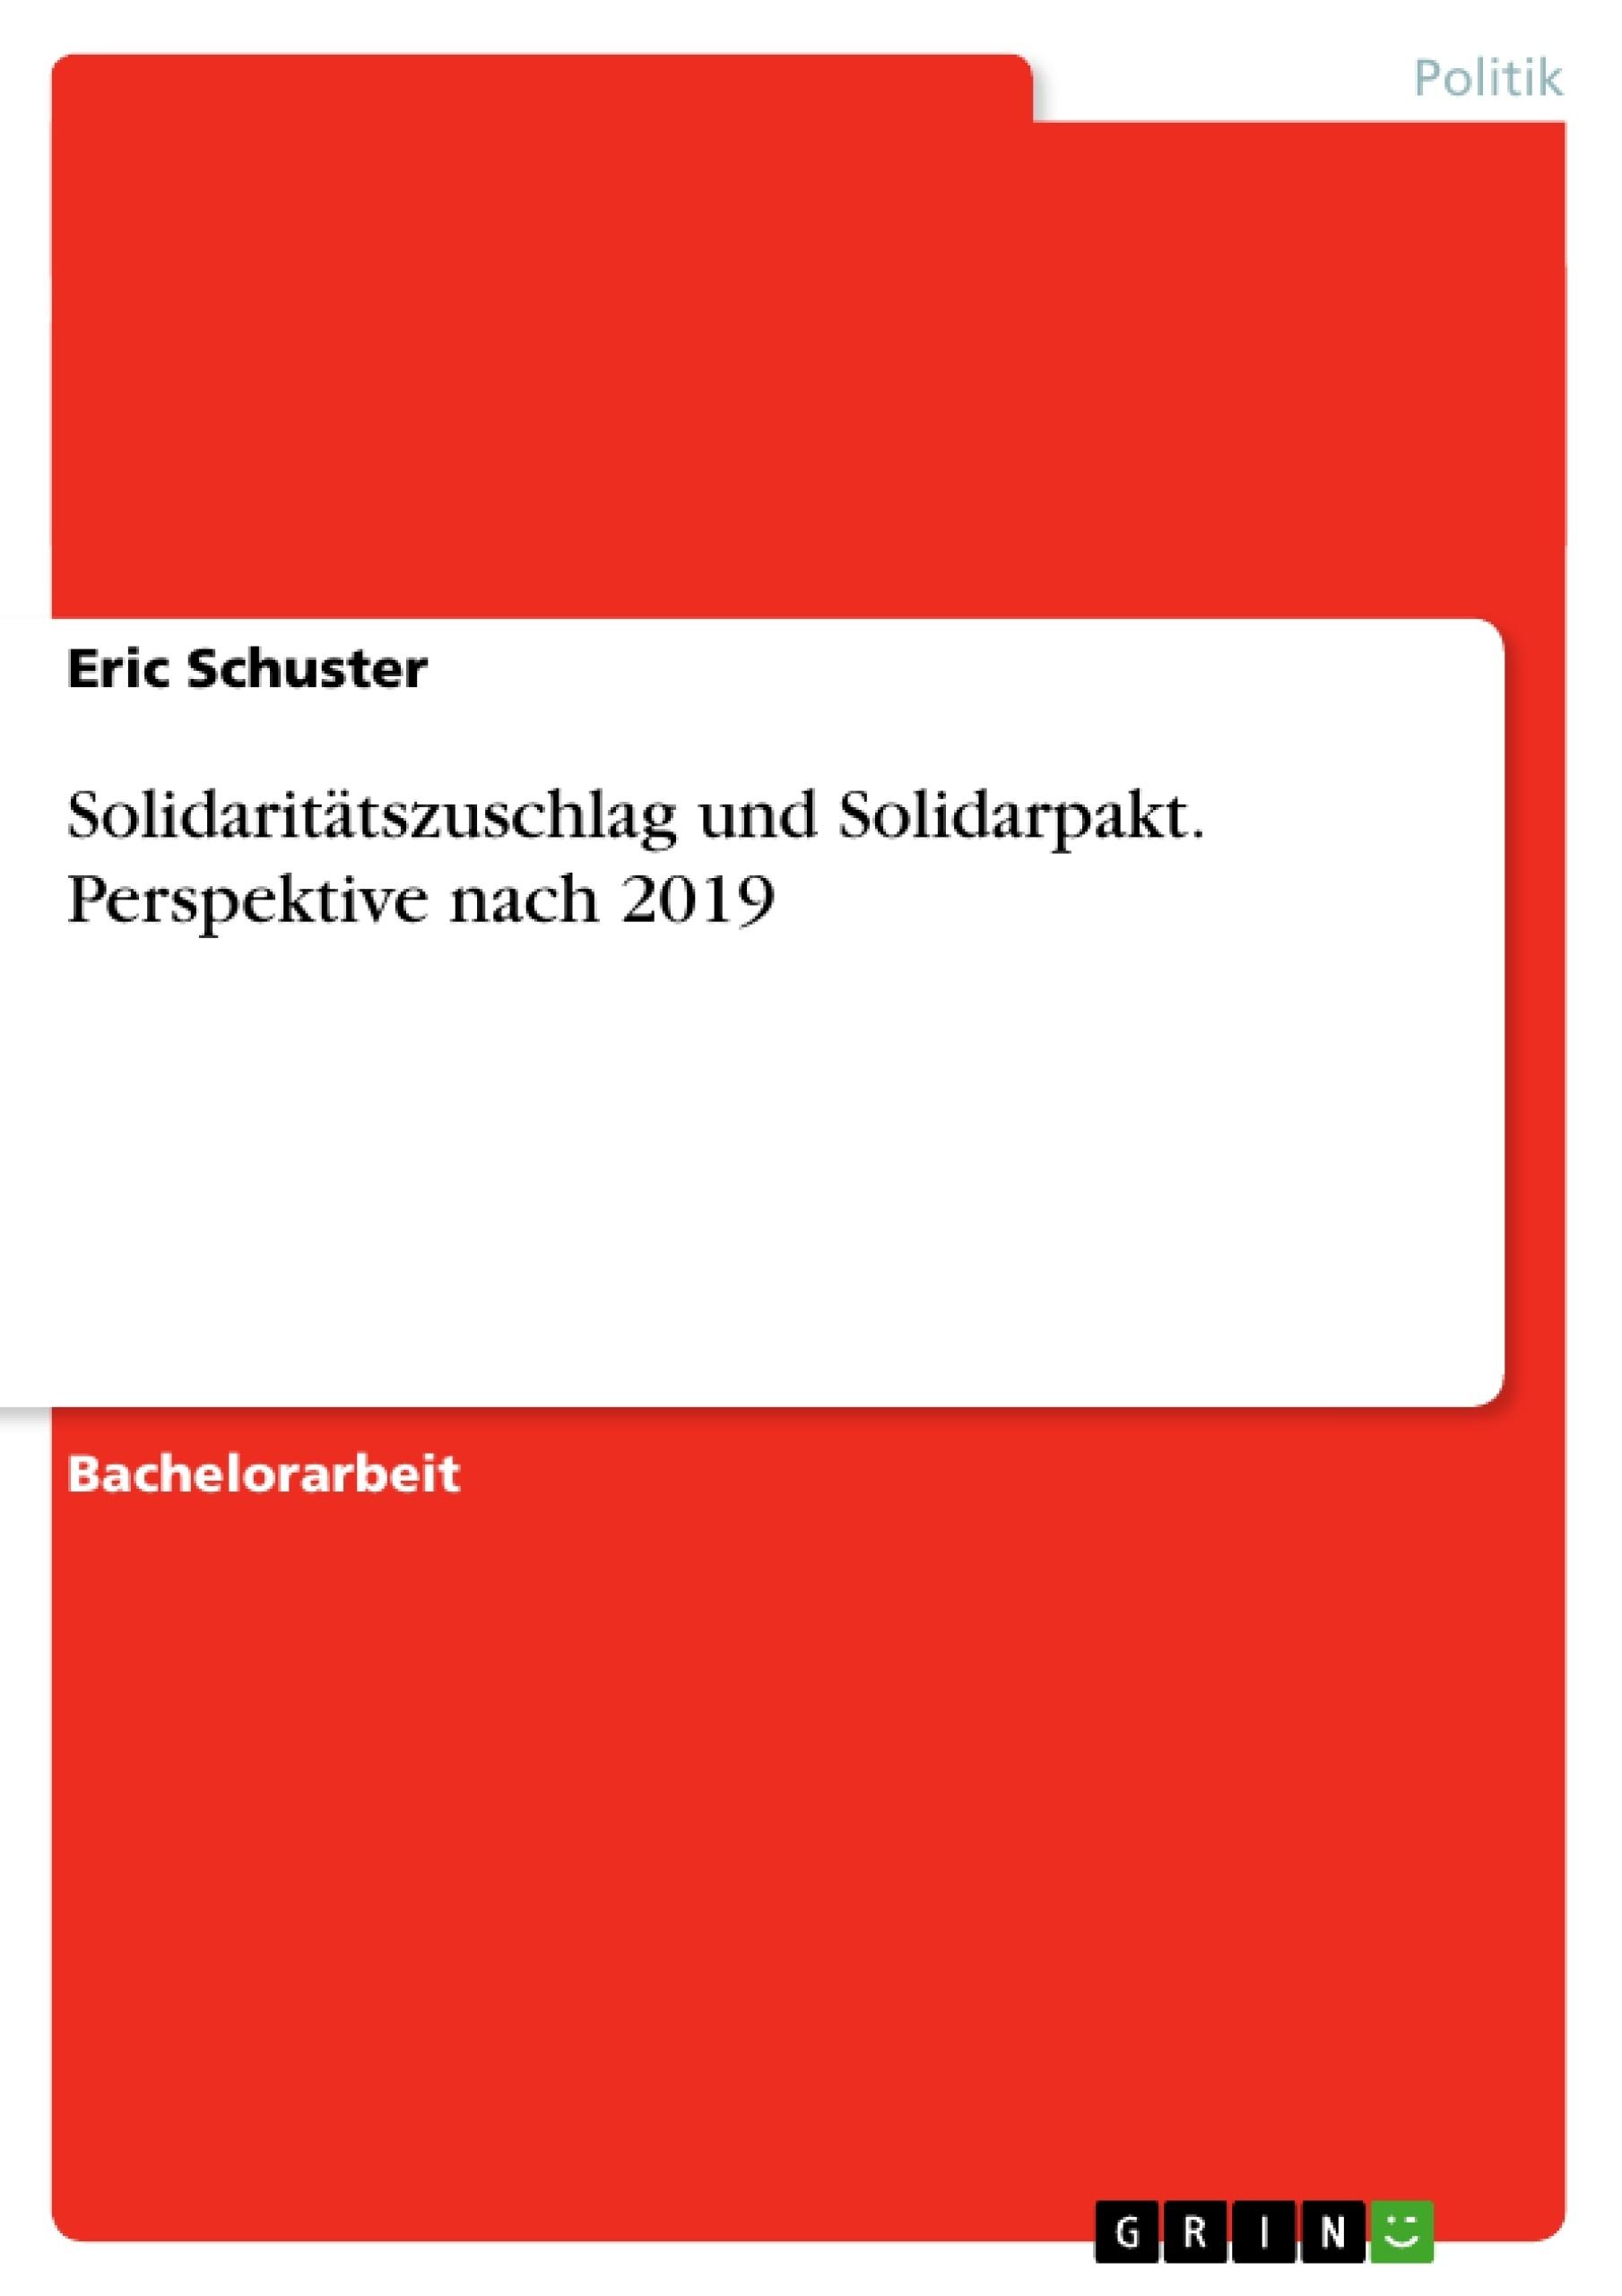 Titel: Solidaritätszuschlag und Solidarpakt. Perspektive nach 2019